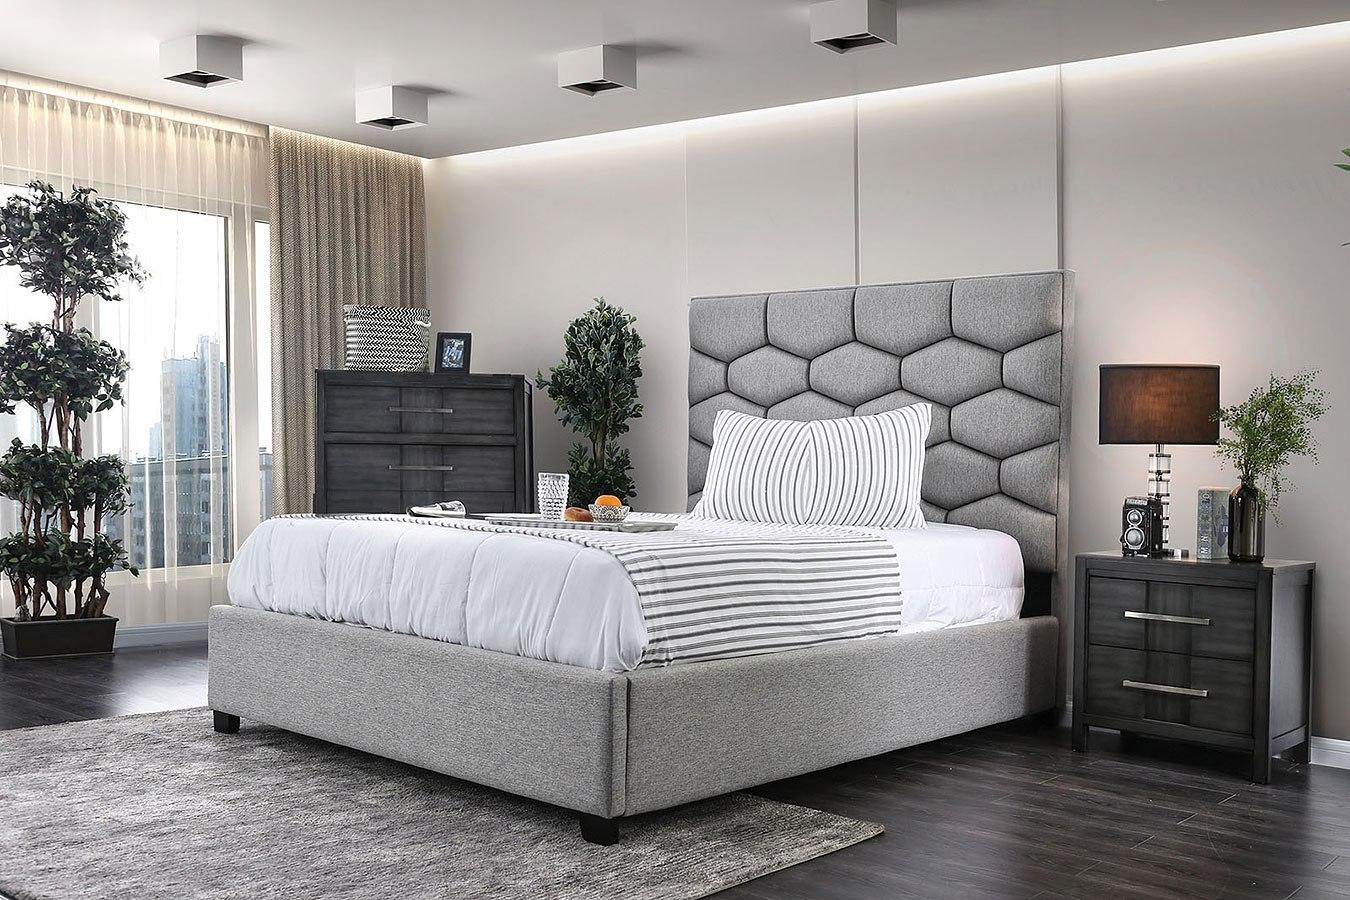 Celestia Upholstered Bedroom Set By Furniture Of America Furniturepick